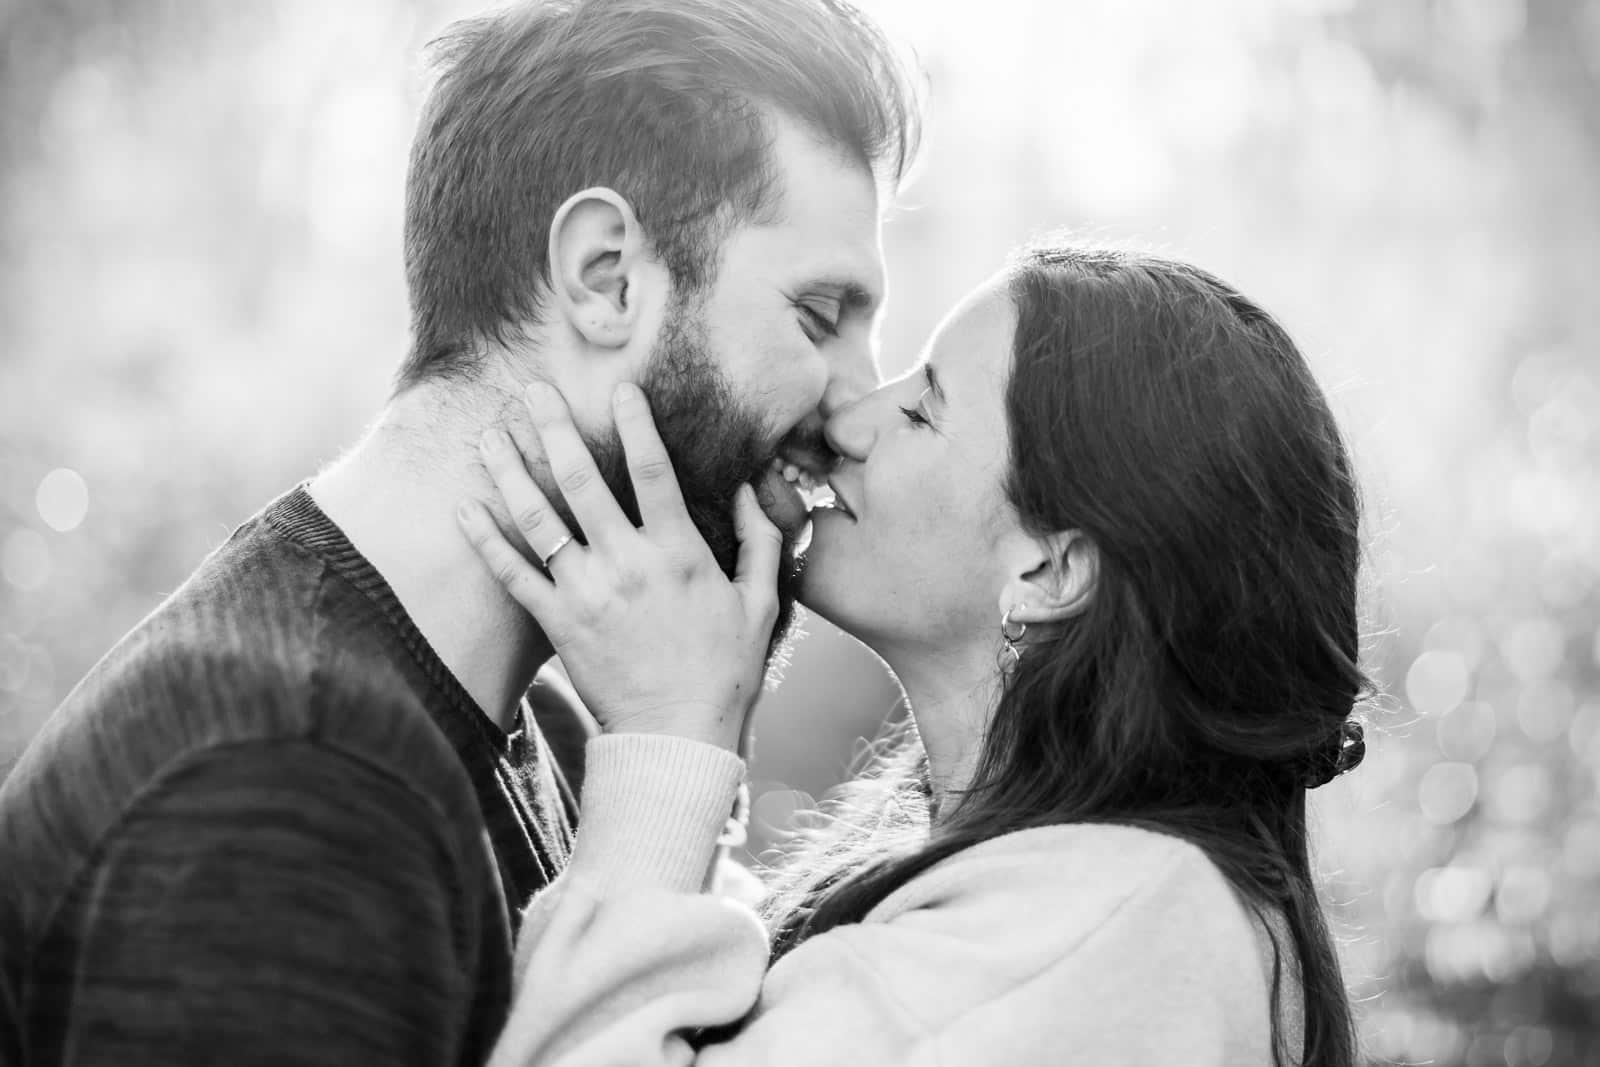 Photographie de Mathieu Dété présentant un couple heureux s'embrassant en noir et blanc